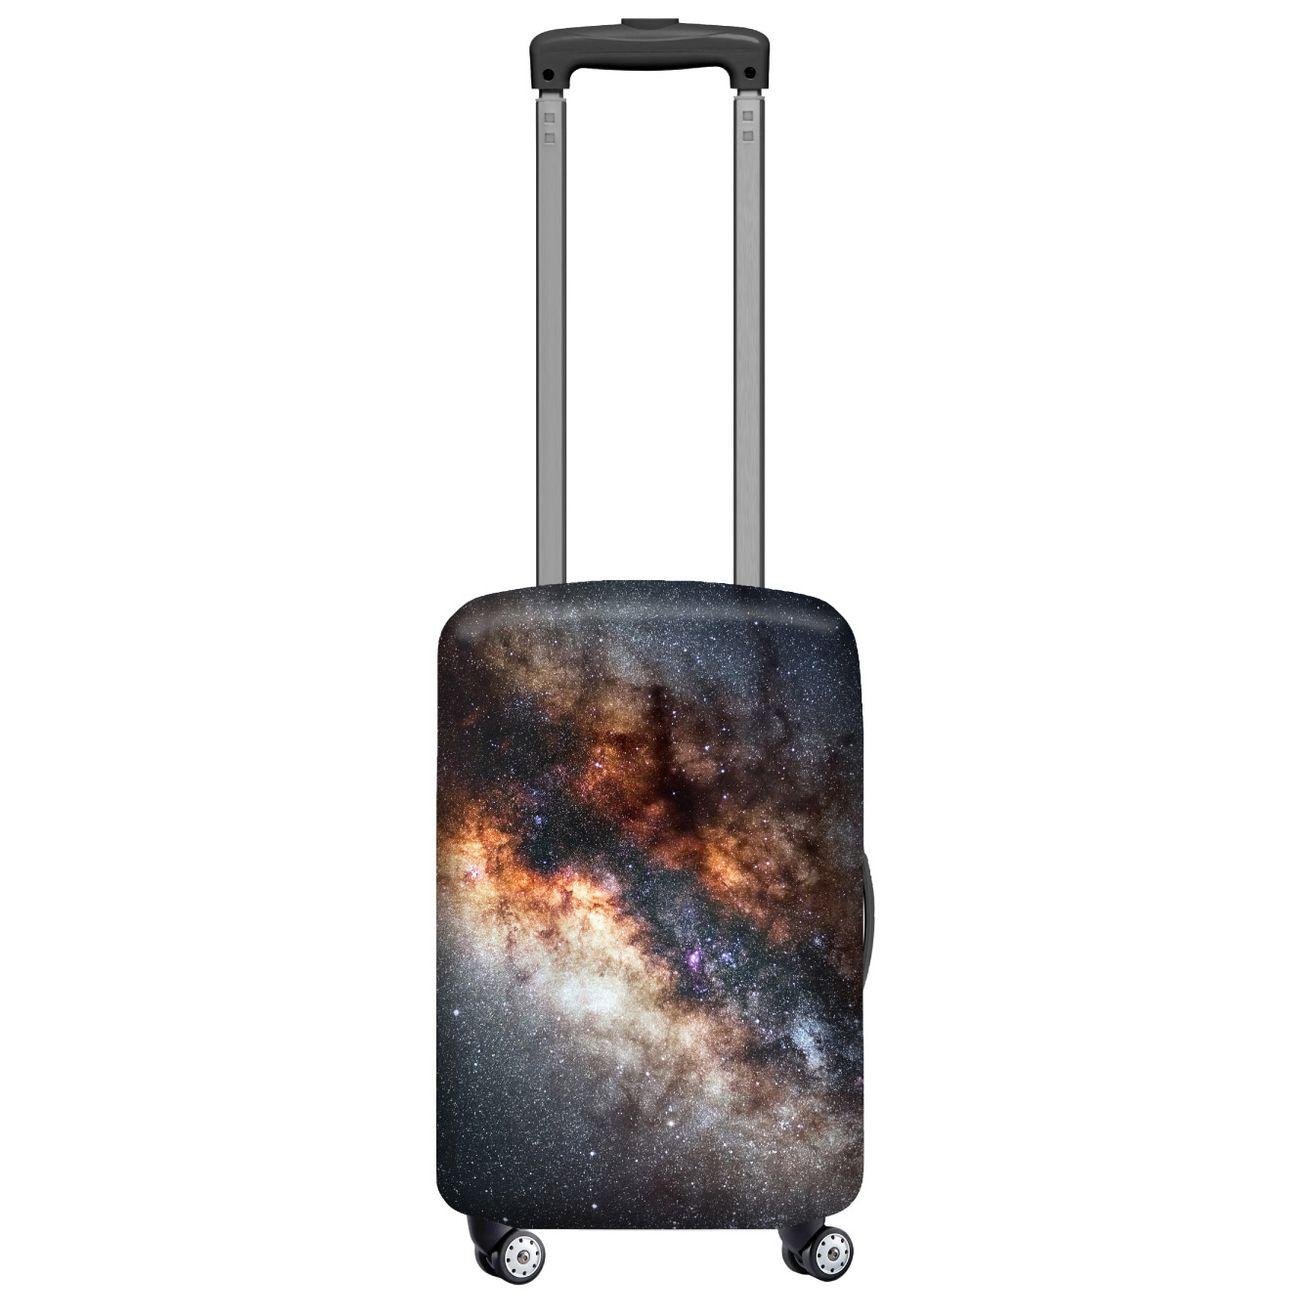 housse de valise bagage velosock interstellar garde. Black Bedroom Furniture Sets. Home Design Ideas